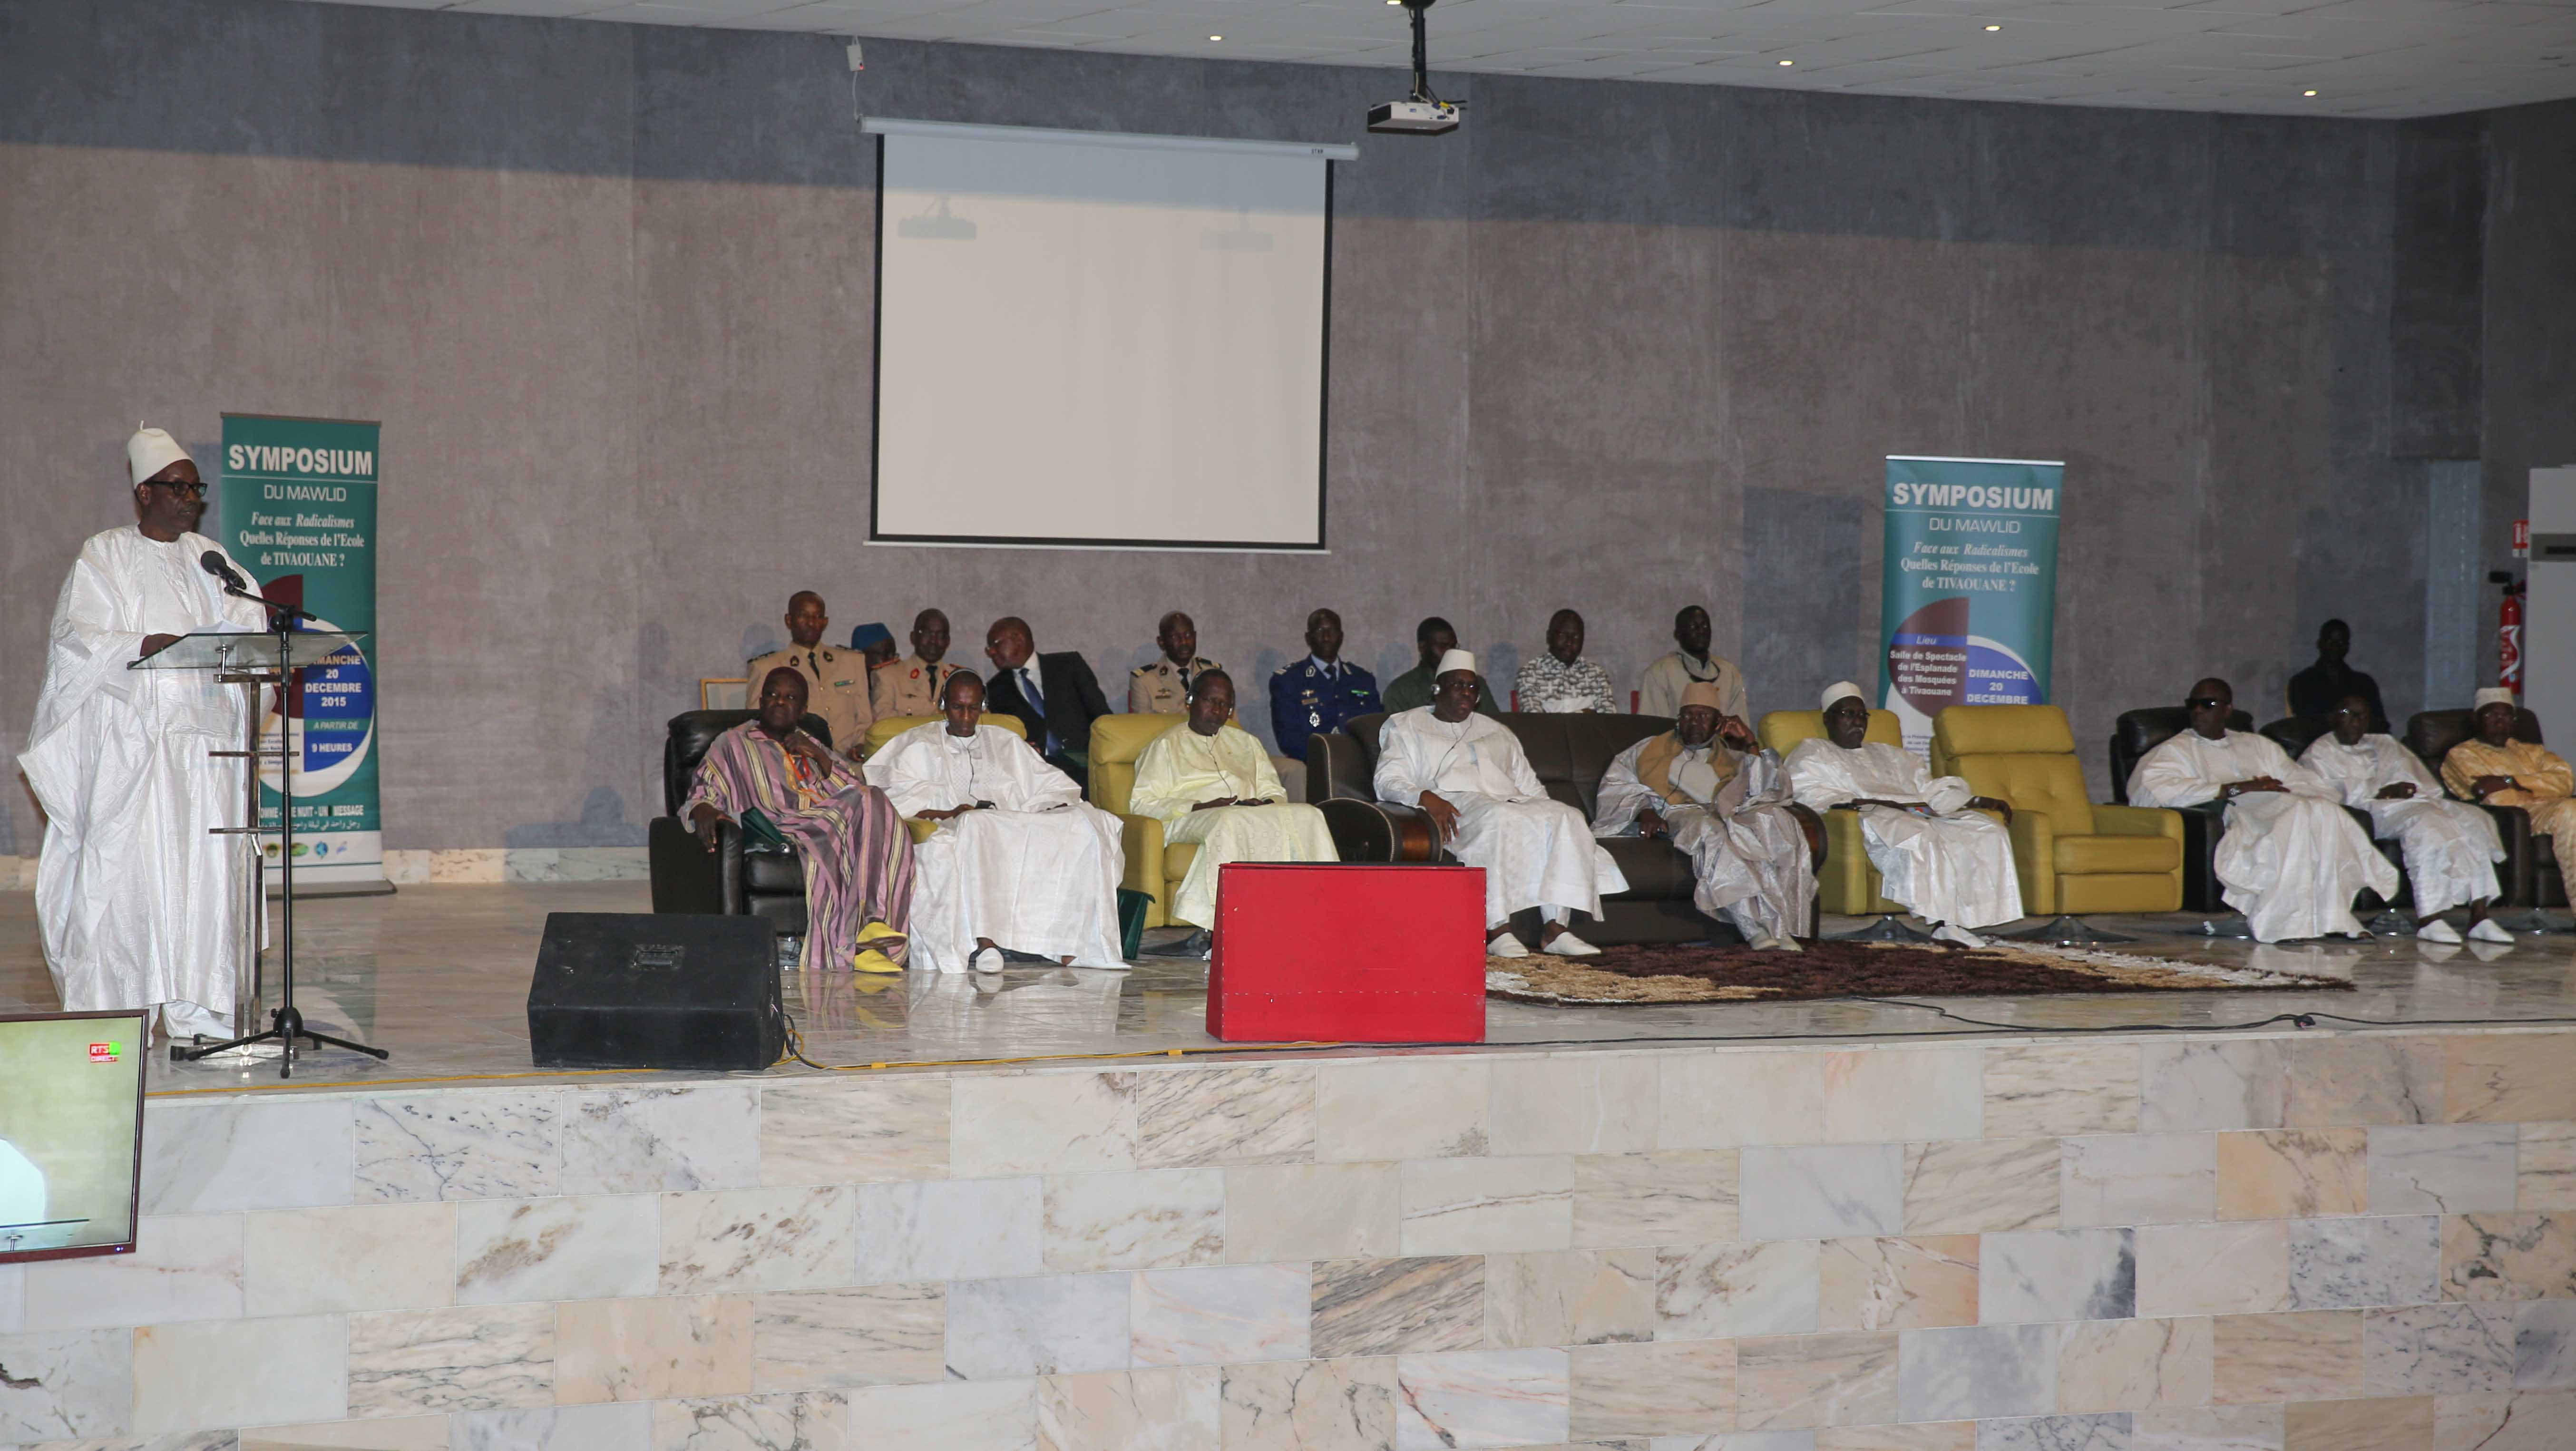 Tivaouane-Symposium du Maouloud  2015:  La voie de l'école de Maodo pour contrer le radicalisme religieux